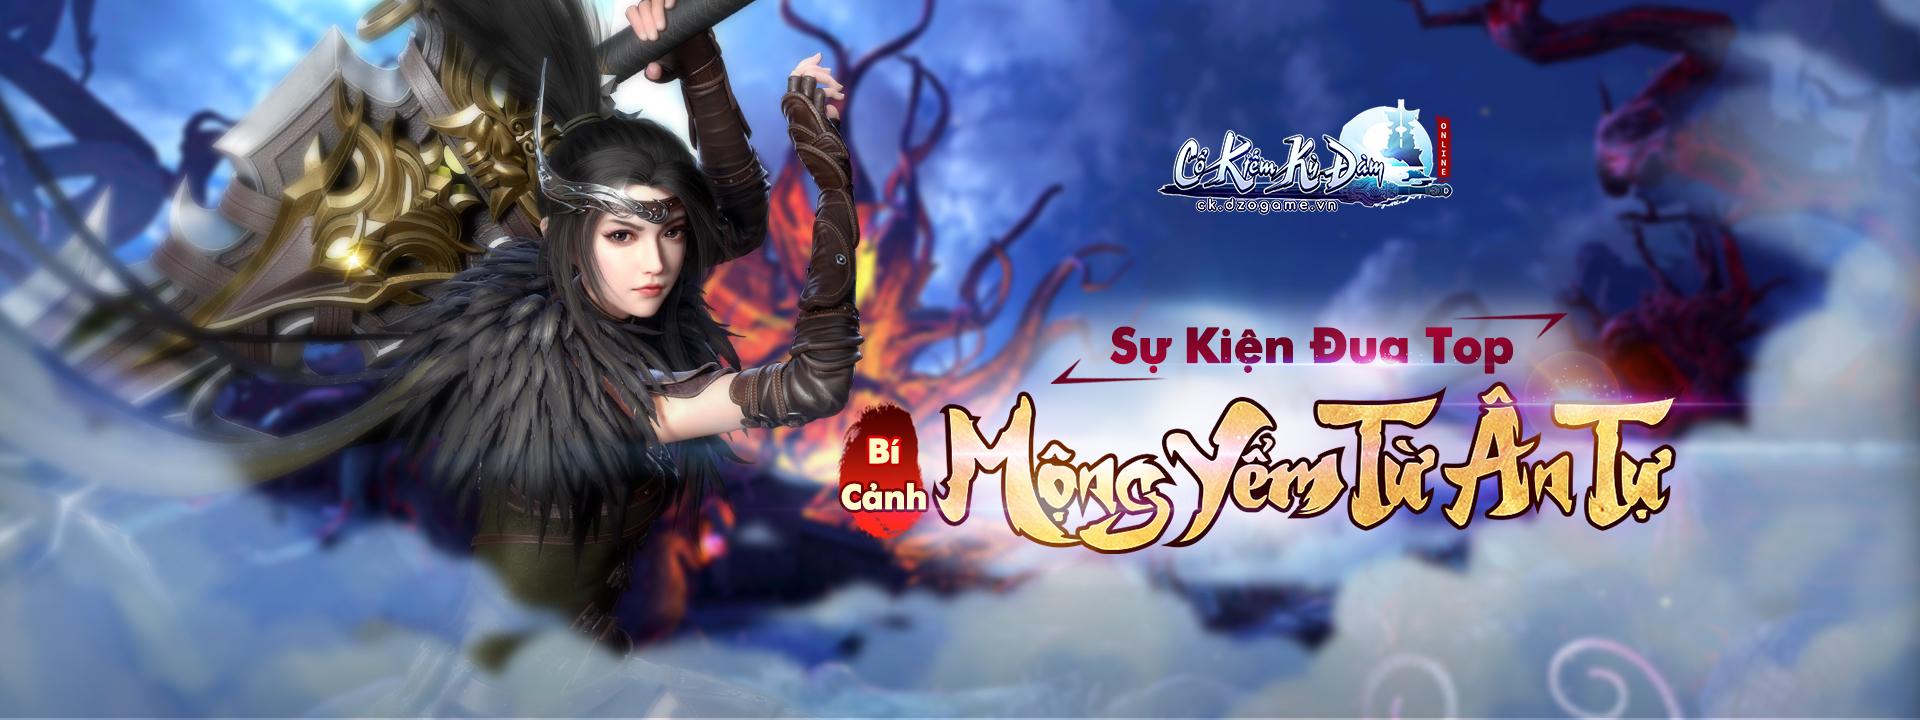 banner top CHINH PHỤC MỘNG YỂM TỪ ÂN TỰ